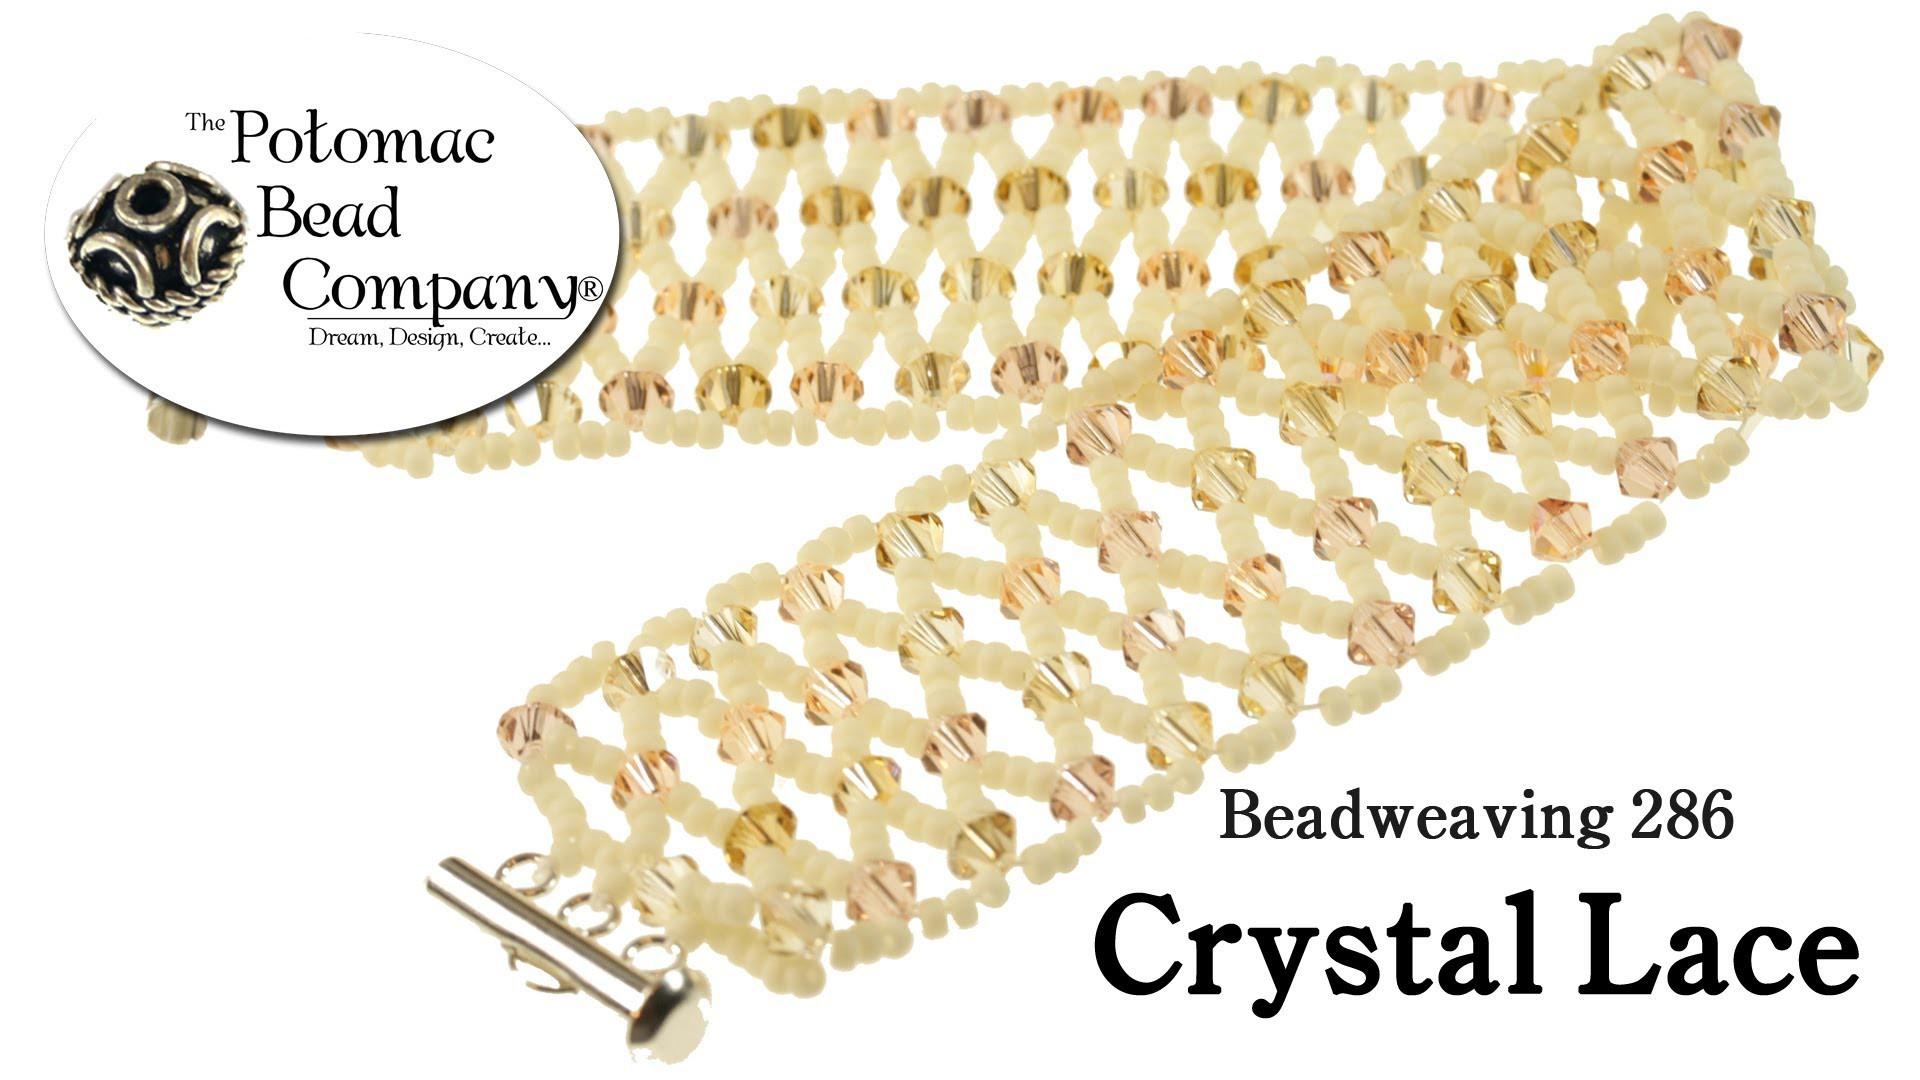 Make a Crystal Lace Bracelet